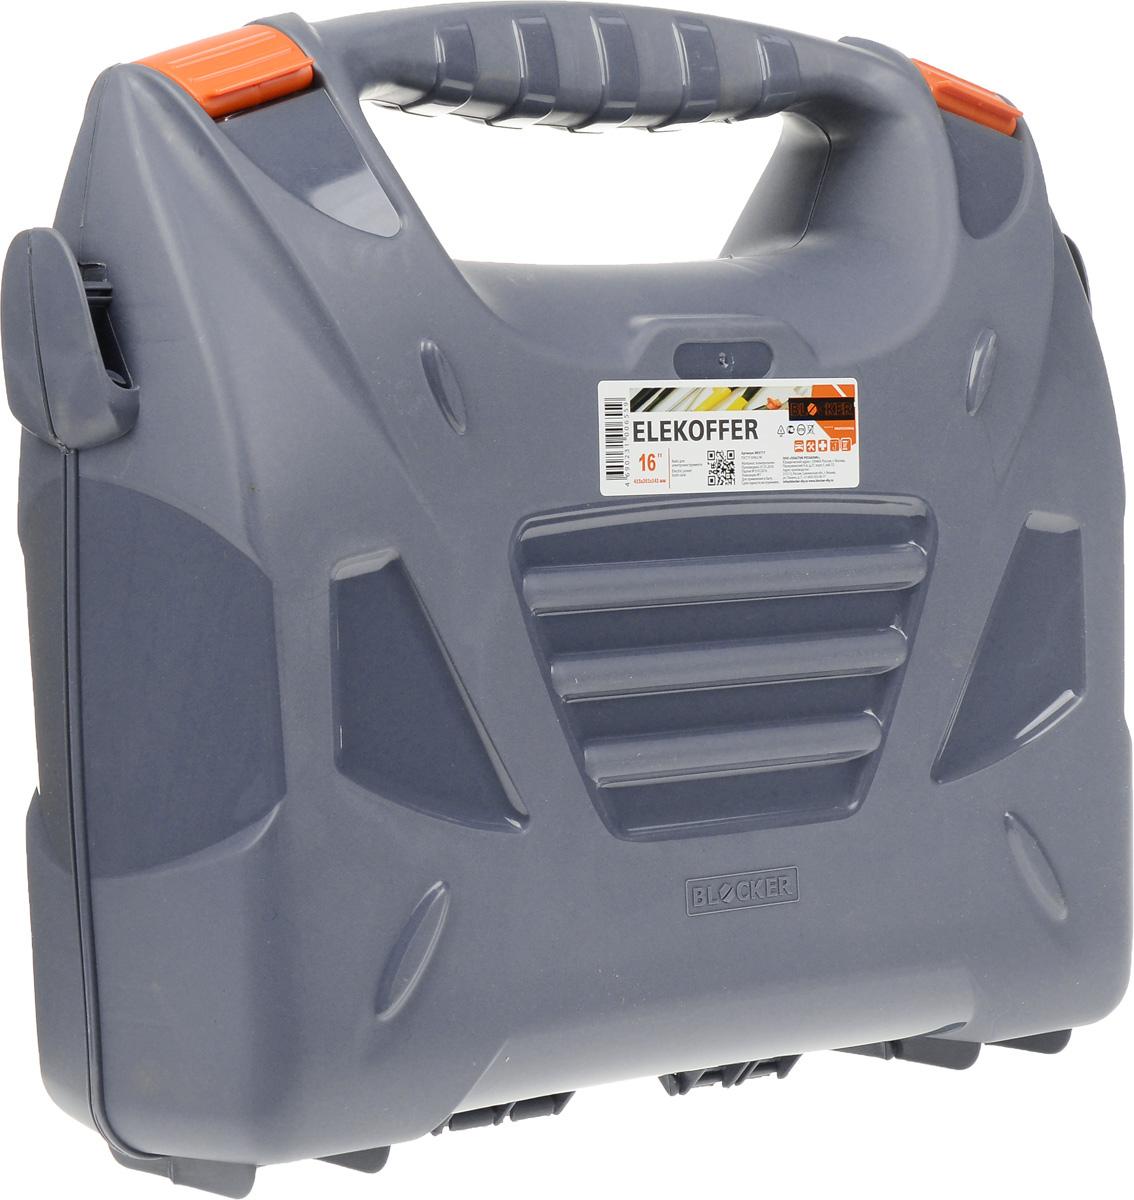 Кейс для электроинструмента Blocker Elekoffer, цвет: серый, оранжевый, 41,5 х 36,1 х 14,1 смFS-80423Кейс Blocker Elekoffer выполнен из полипропилена. Оптимальная форма подходит для размещения большинства известных домашних электроинструментов: дрели, угловой шлифовальной машины (болгарки), электролобзика, шуруповерта и многого другого. Имеются боковые зацепы для наплечного ремня.